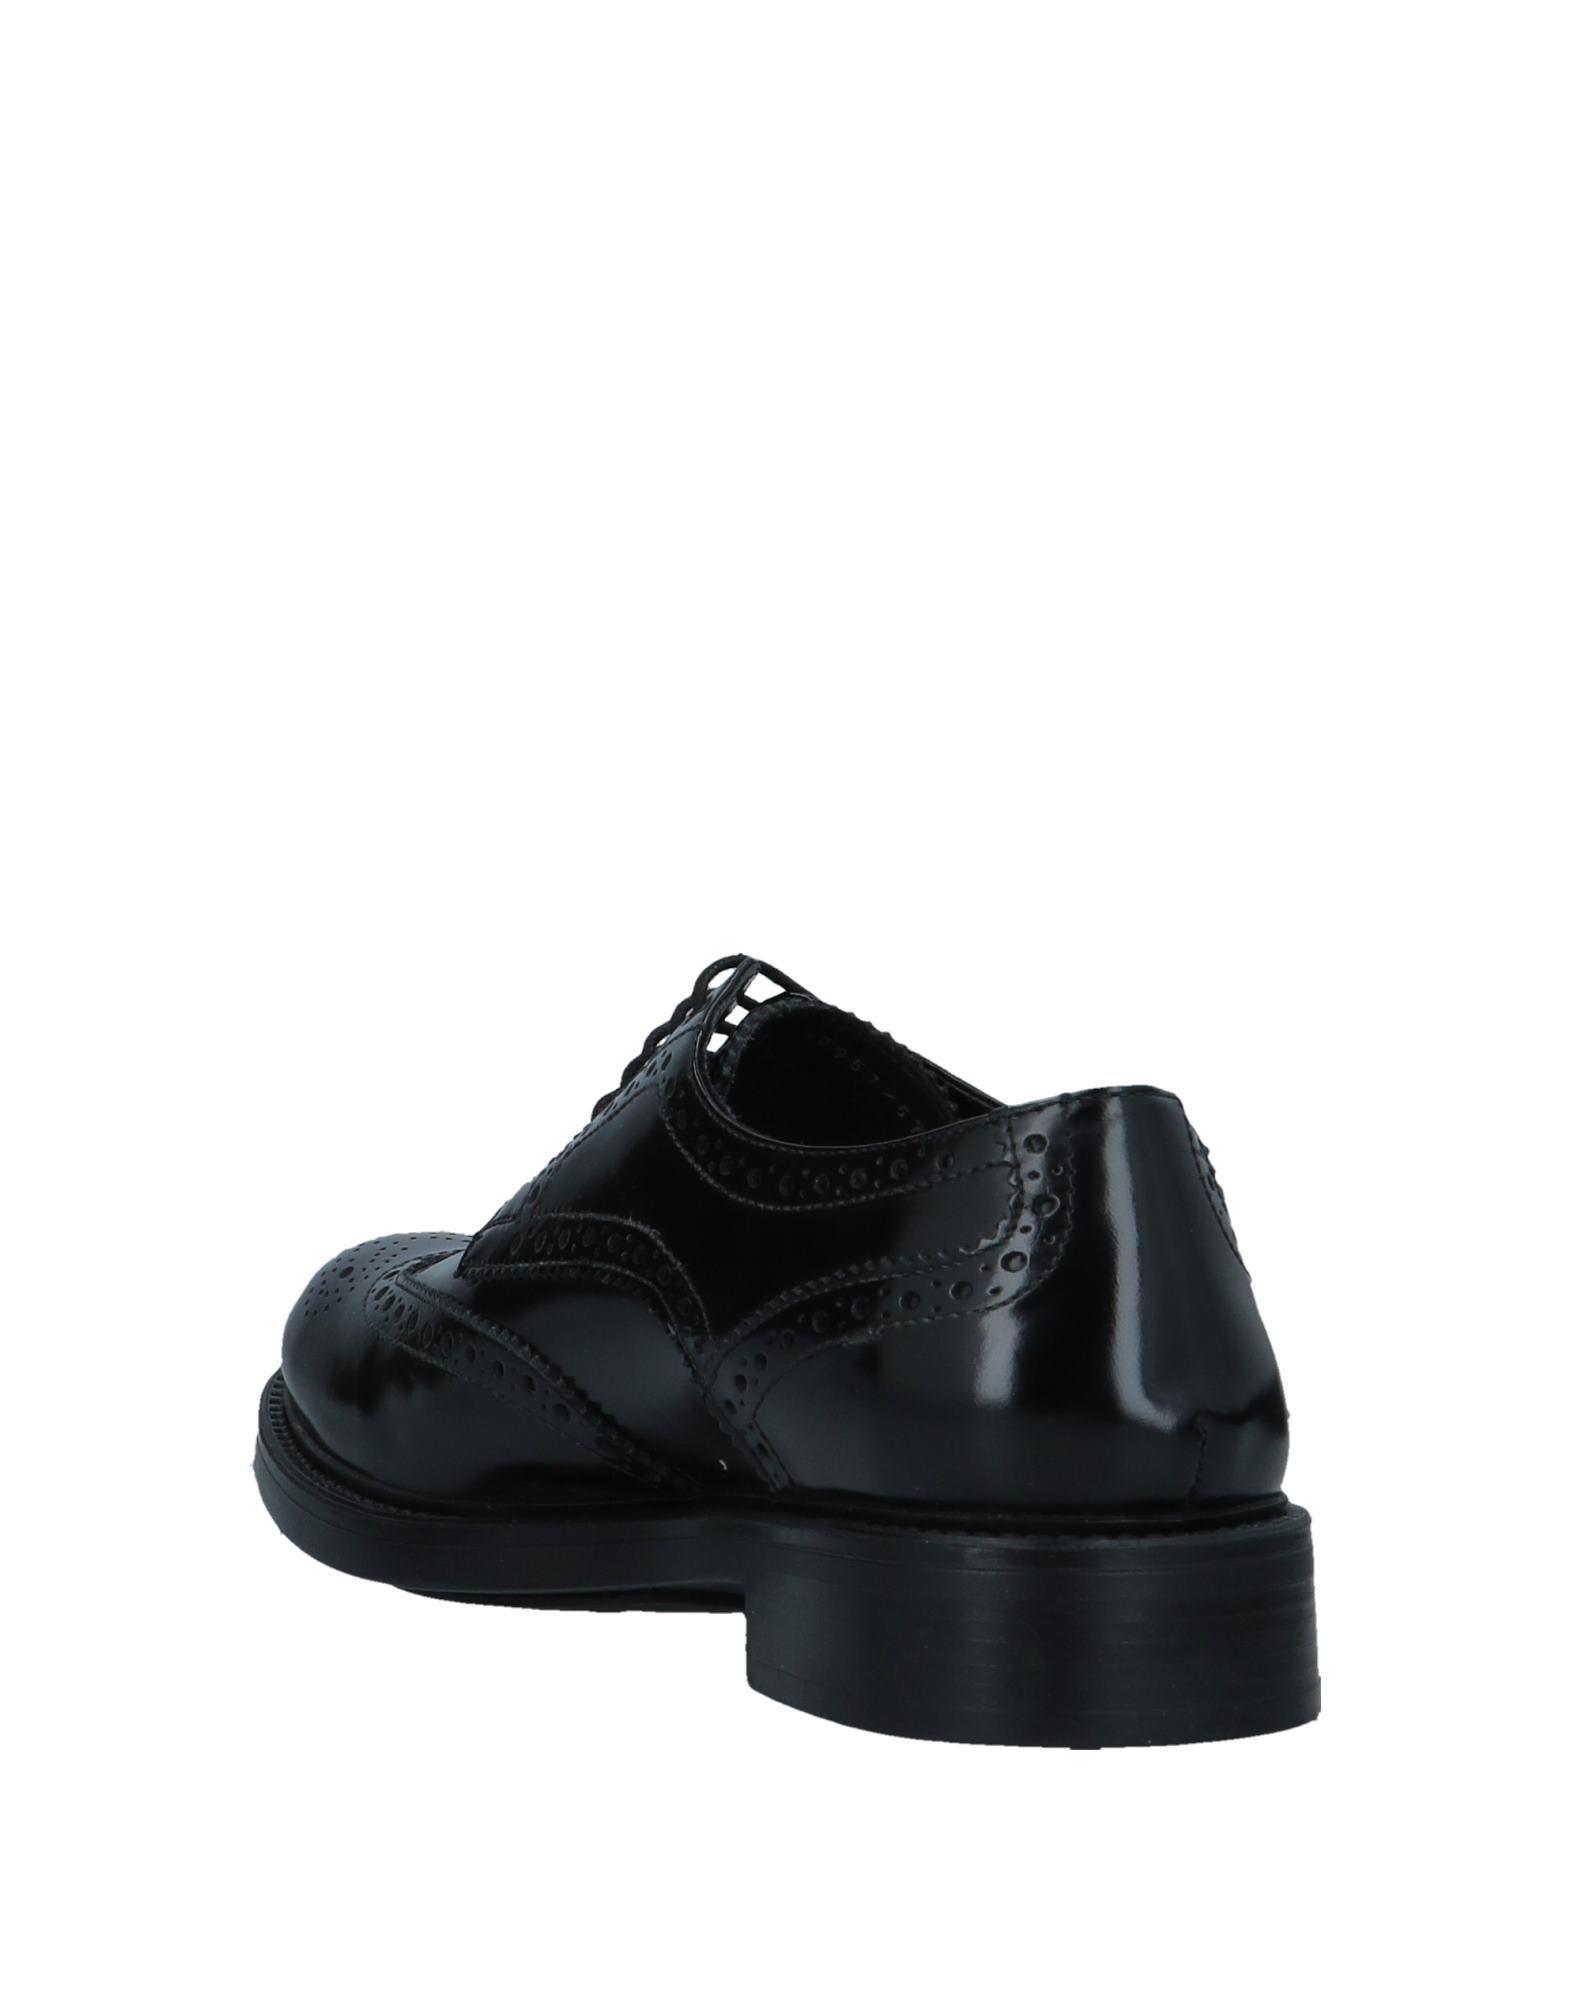 Rabatt echte Schuhe Florsheim Schnürschuhe  Herren  Schnürschuhe 11544485MM cba7b9